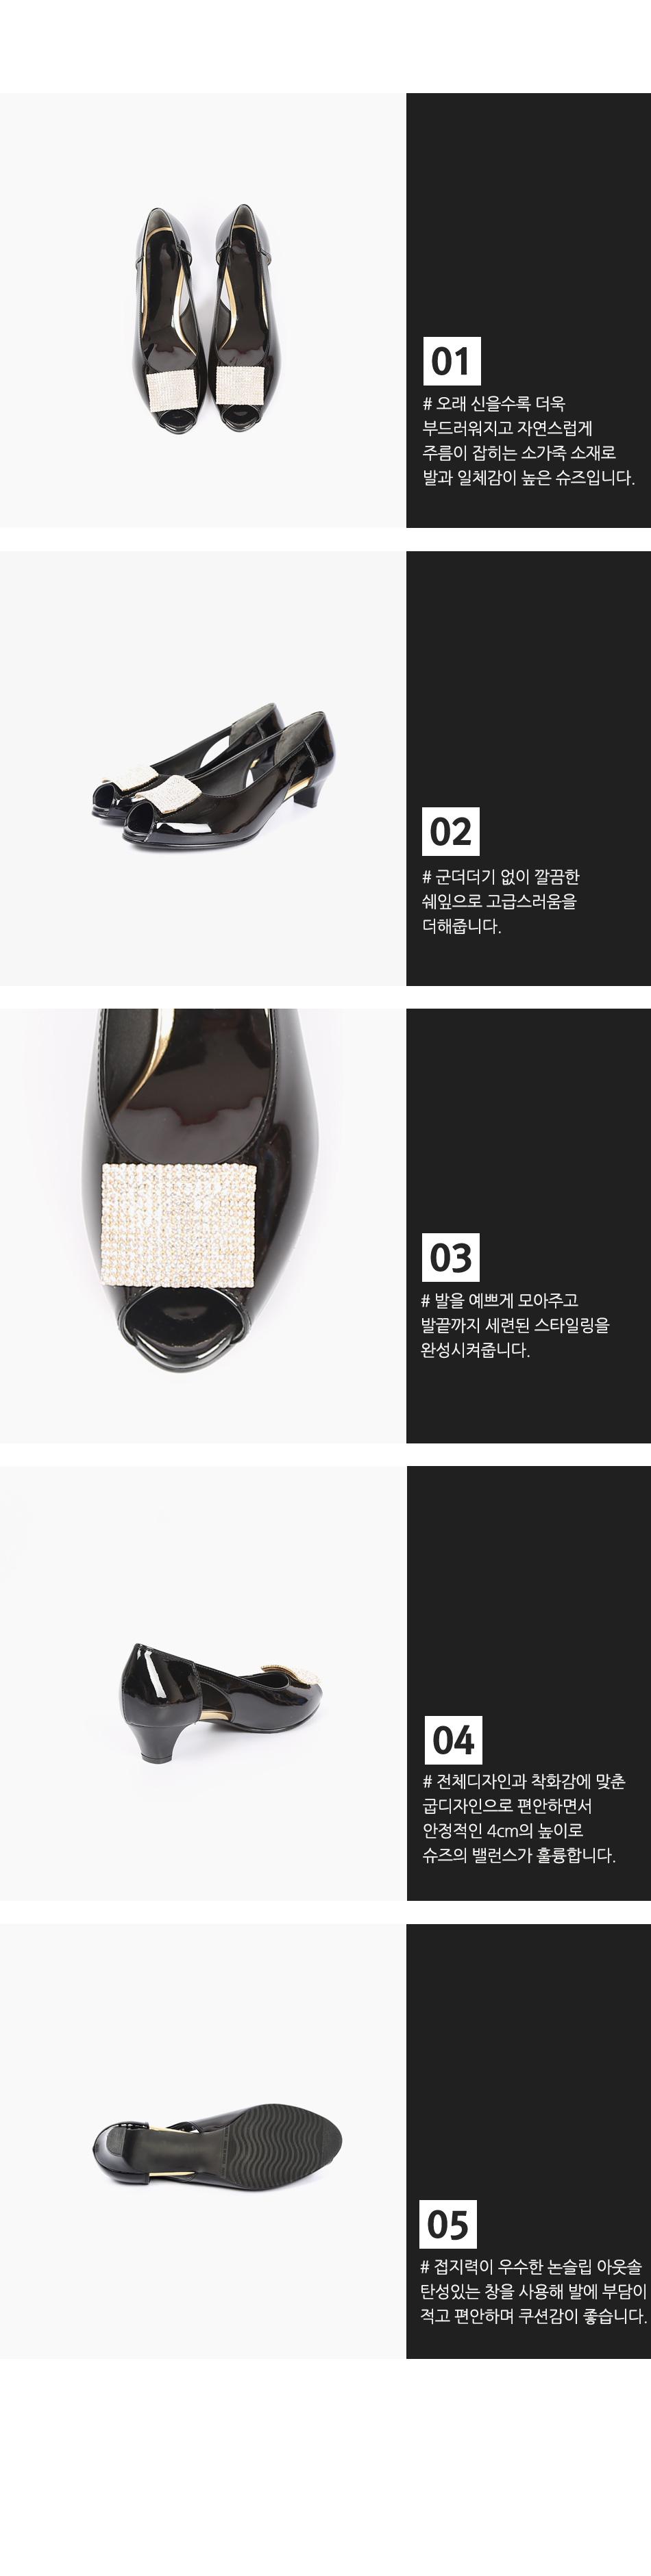 아레스 리얼소가죽 펌프스(4cm) - 나즈나, 176,900원, 하이힐/펌프스, 펌프스